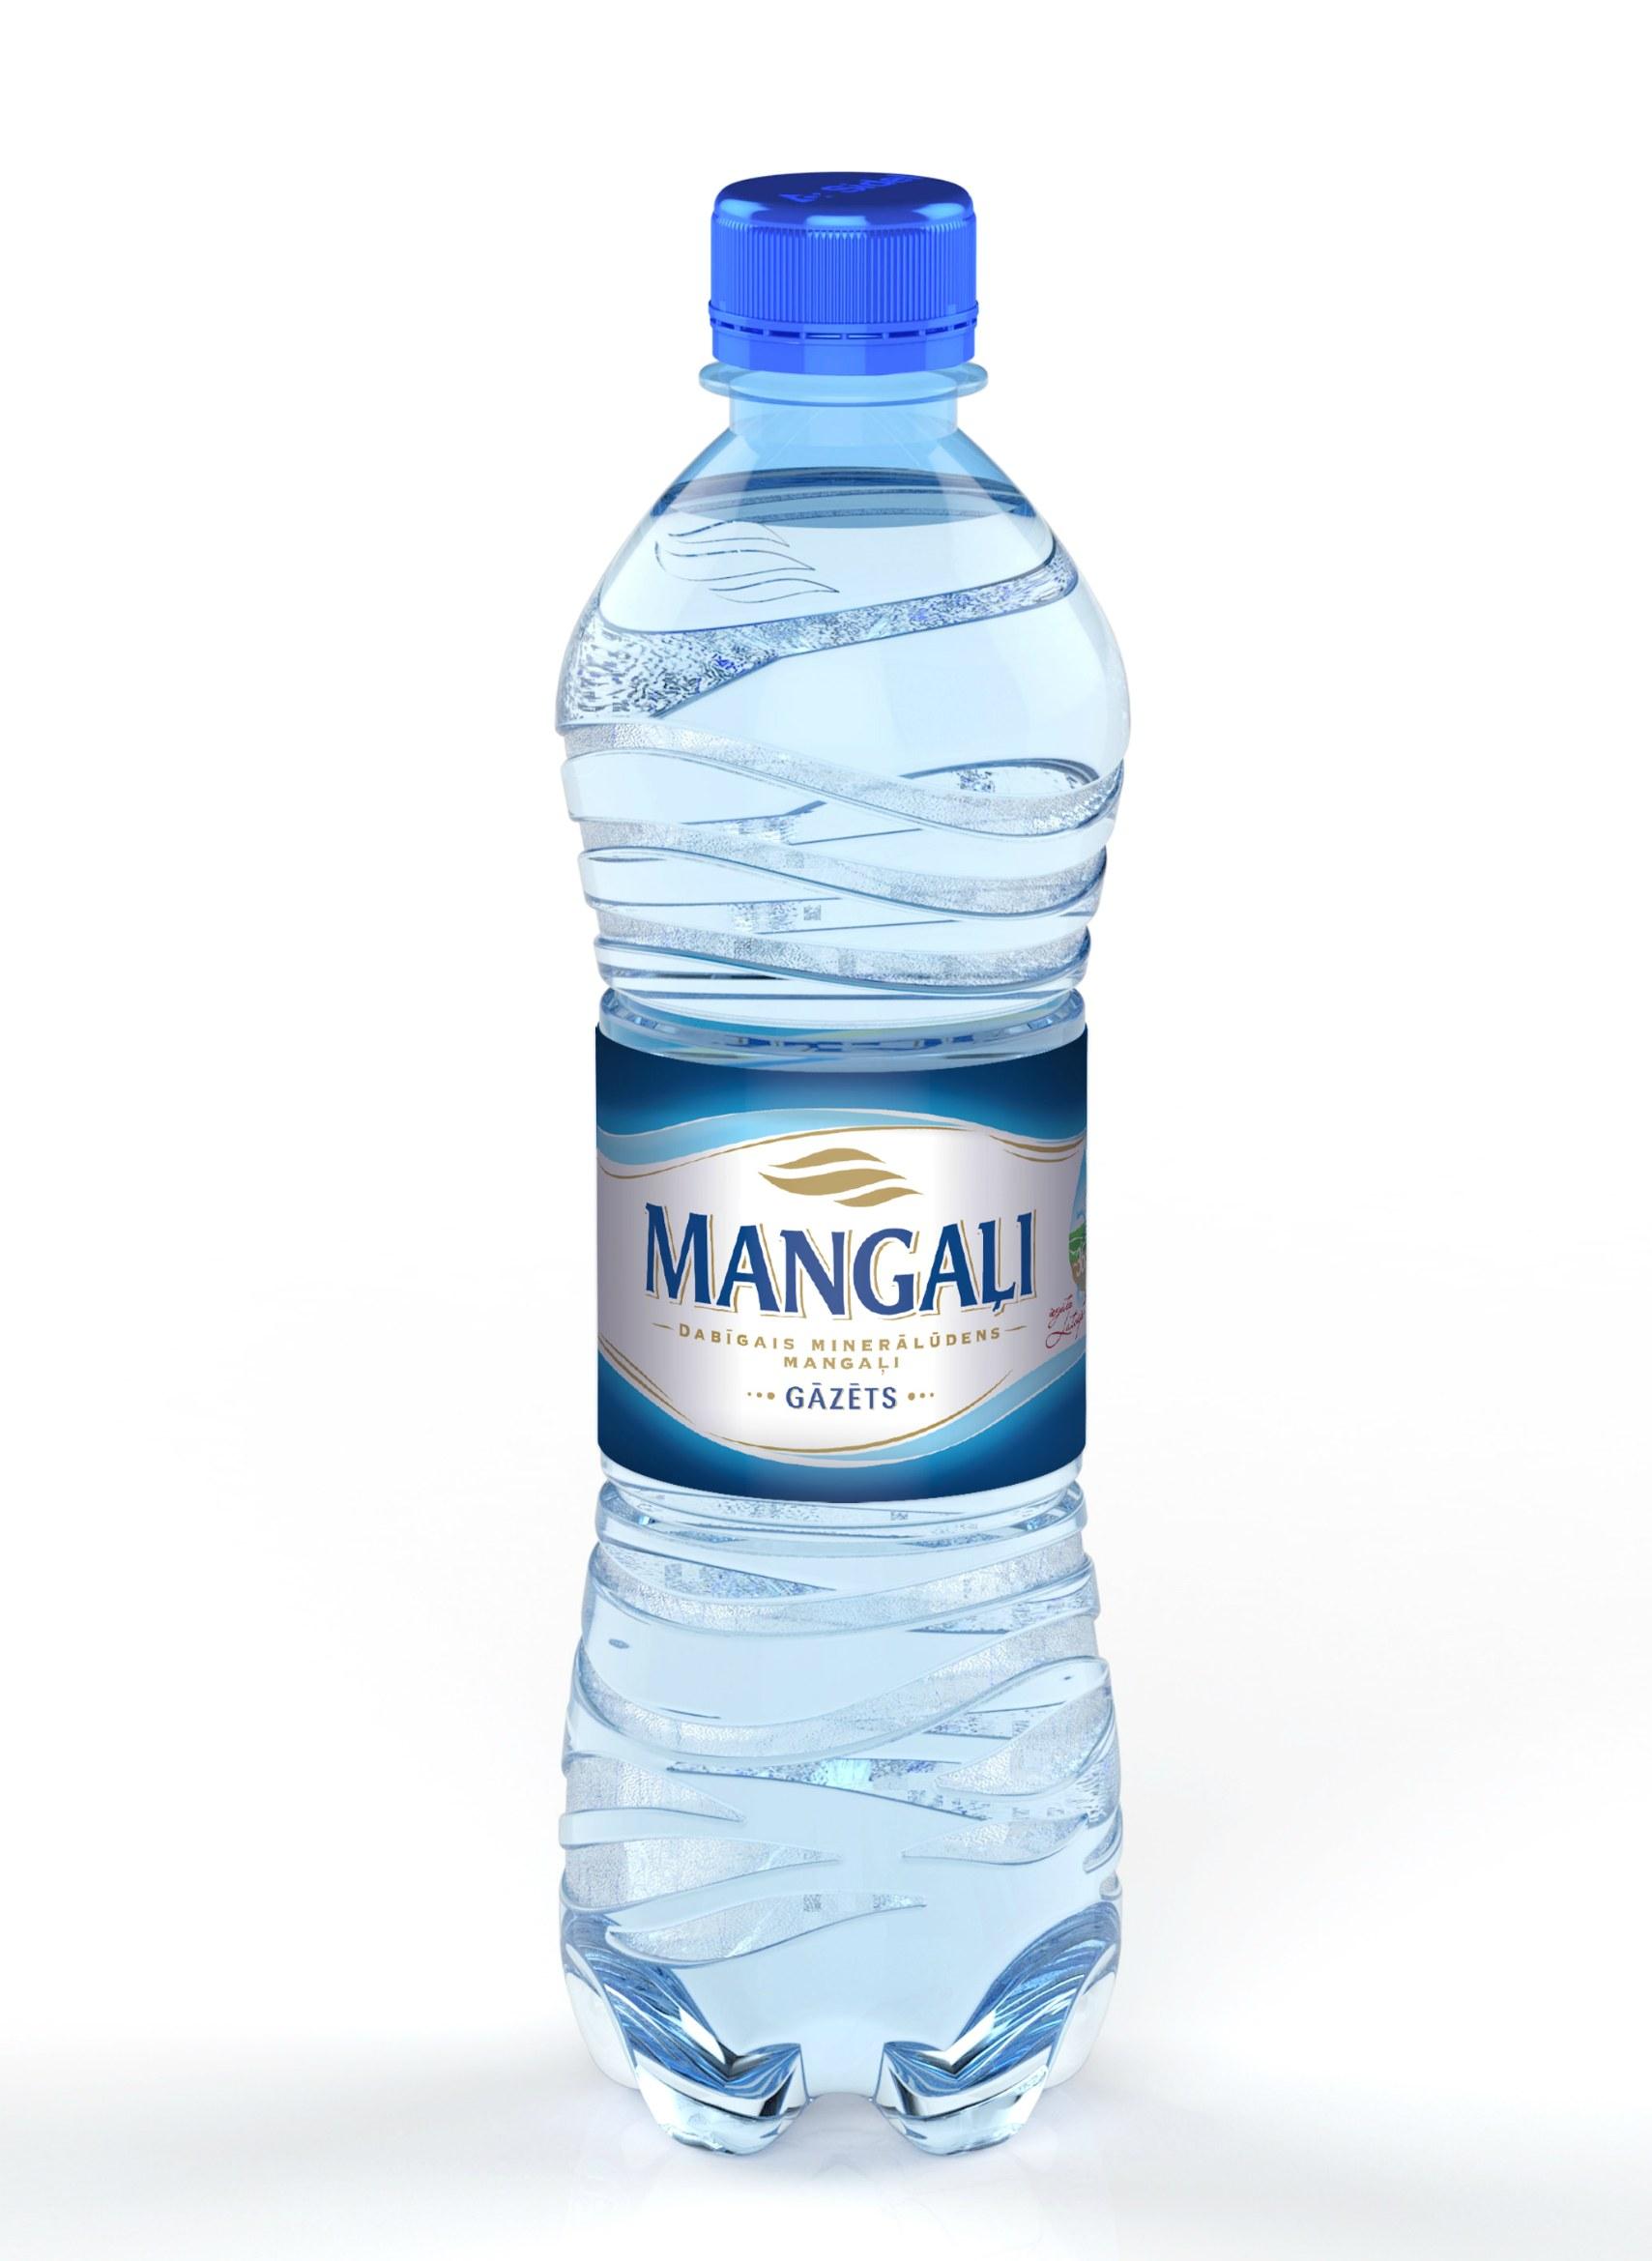 БЕЗ БРЭНДА СИ - Вода газированная минеральная природная питьевая леч.-стол. 0.5 л. Mangali недорого